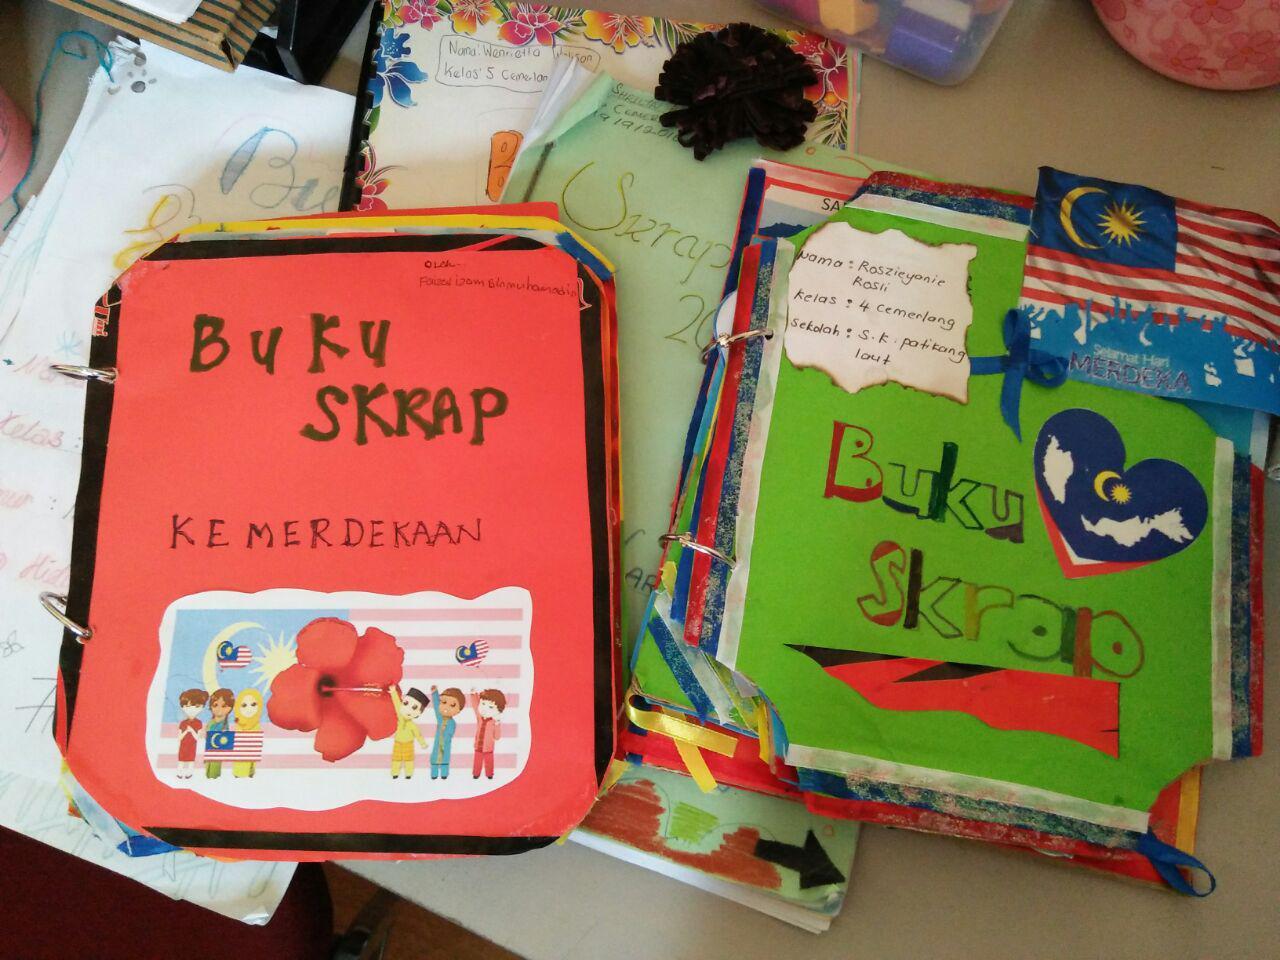 Buku Skrap Merdeka Cute766